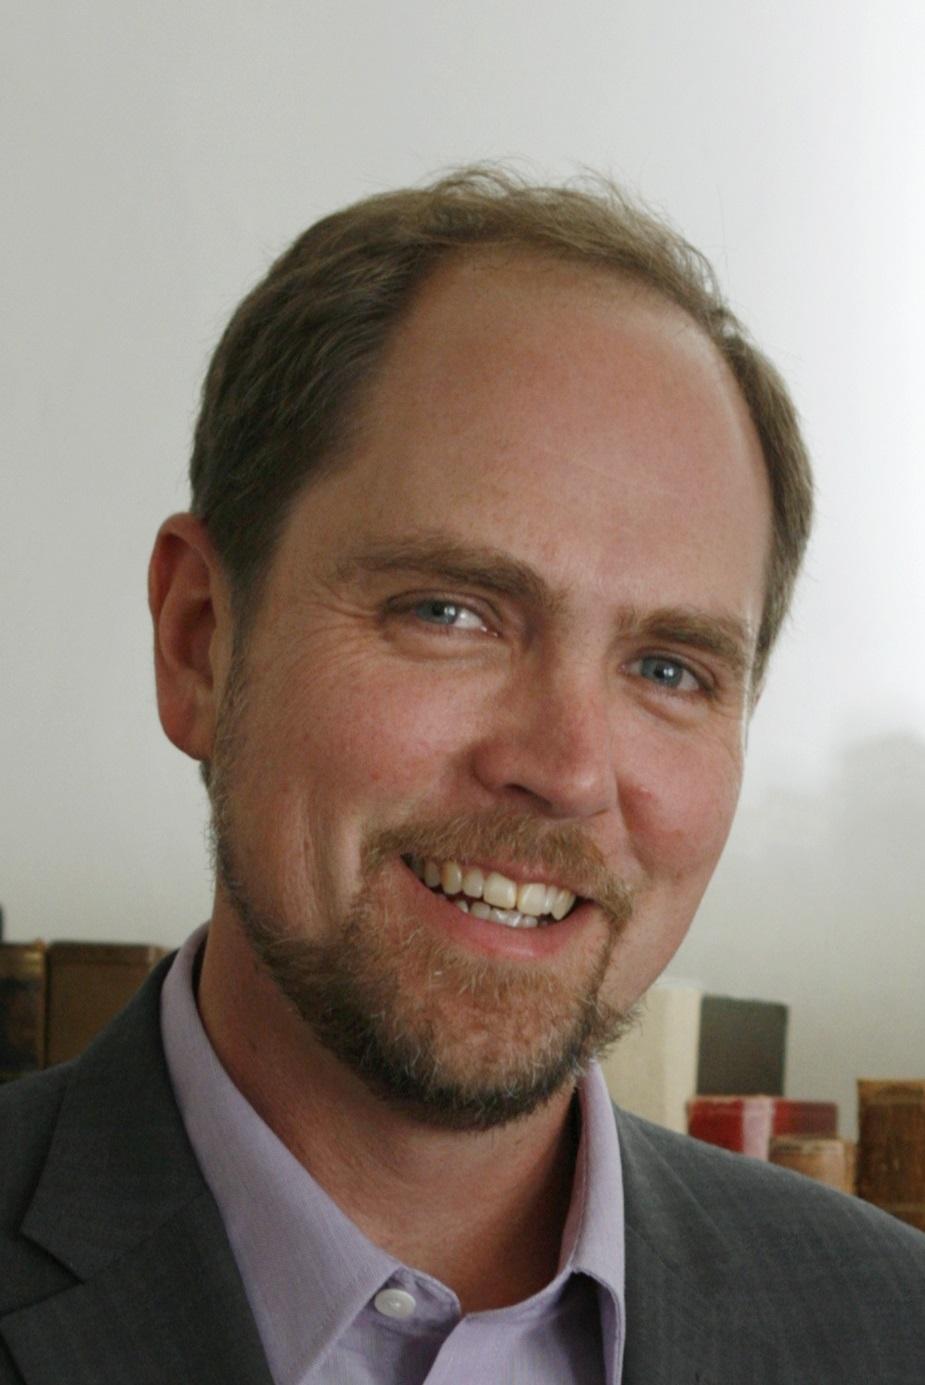 Andres Kasekamp